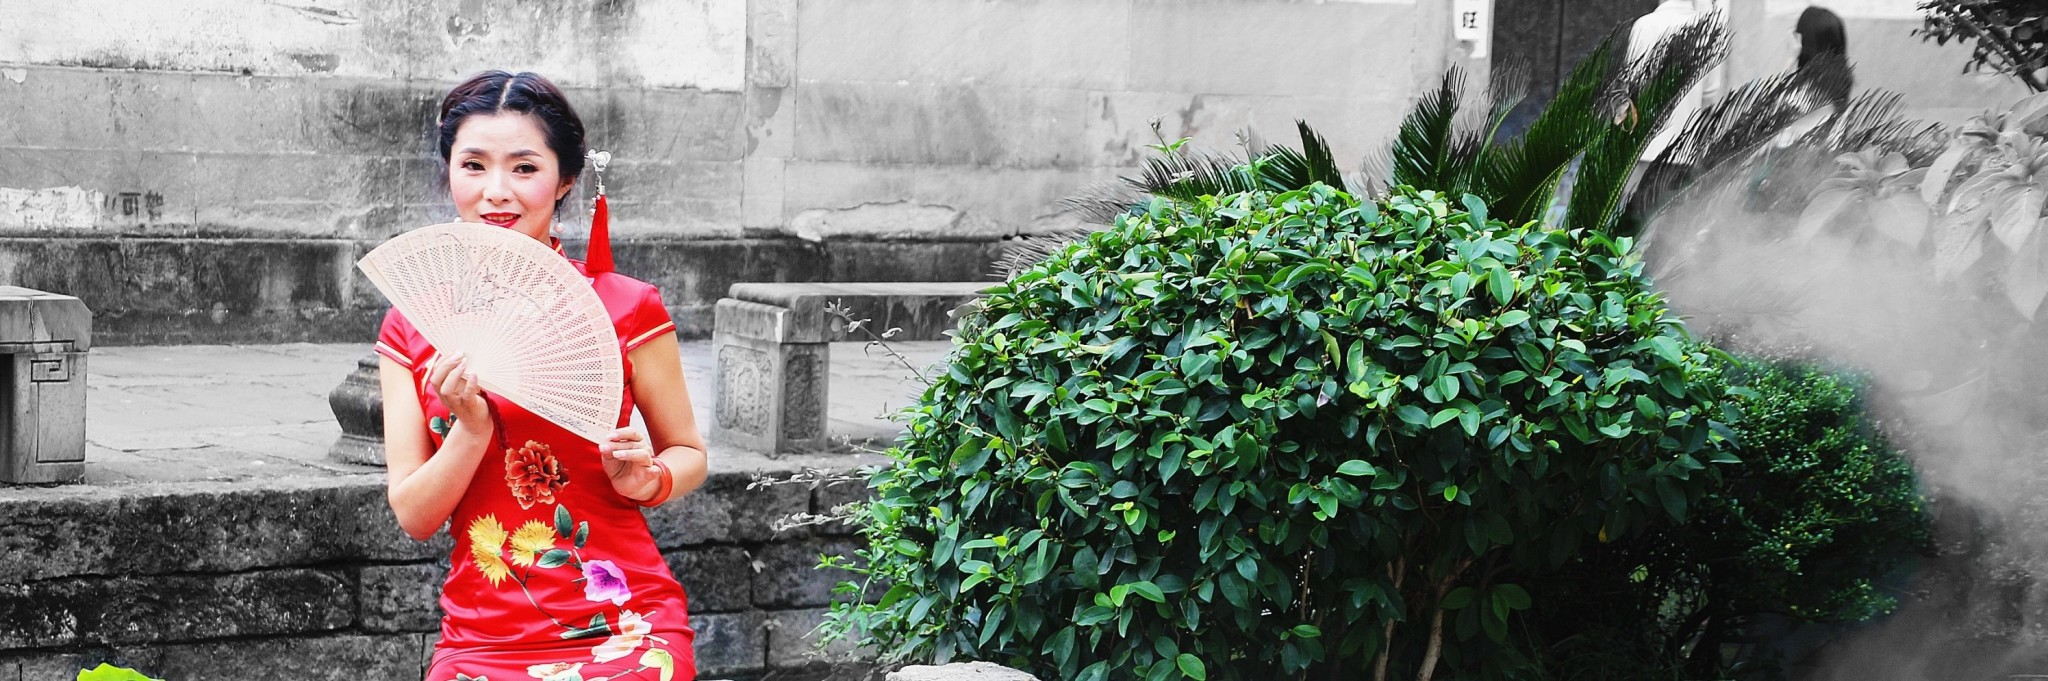 【黄山】丁香姑娘 油纸伞,古今合一的黎阳in巷